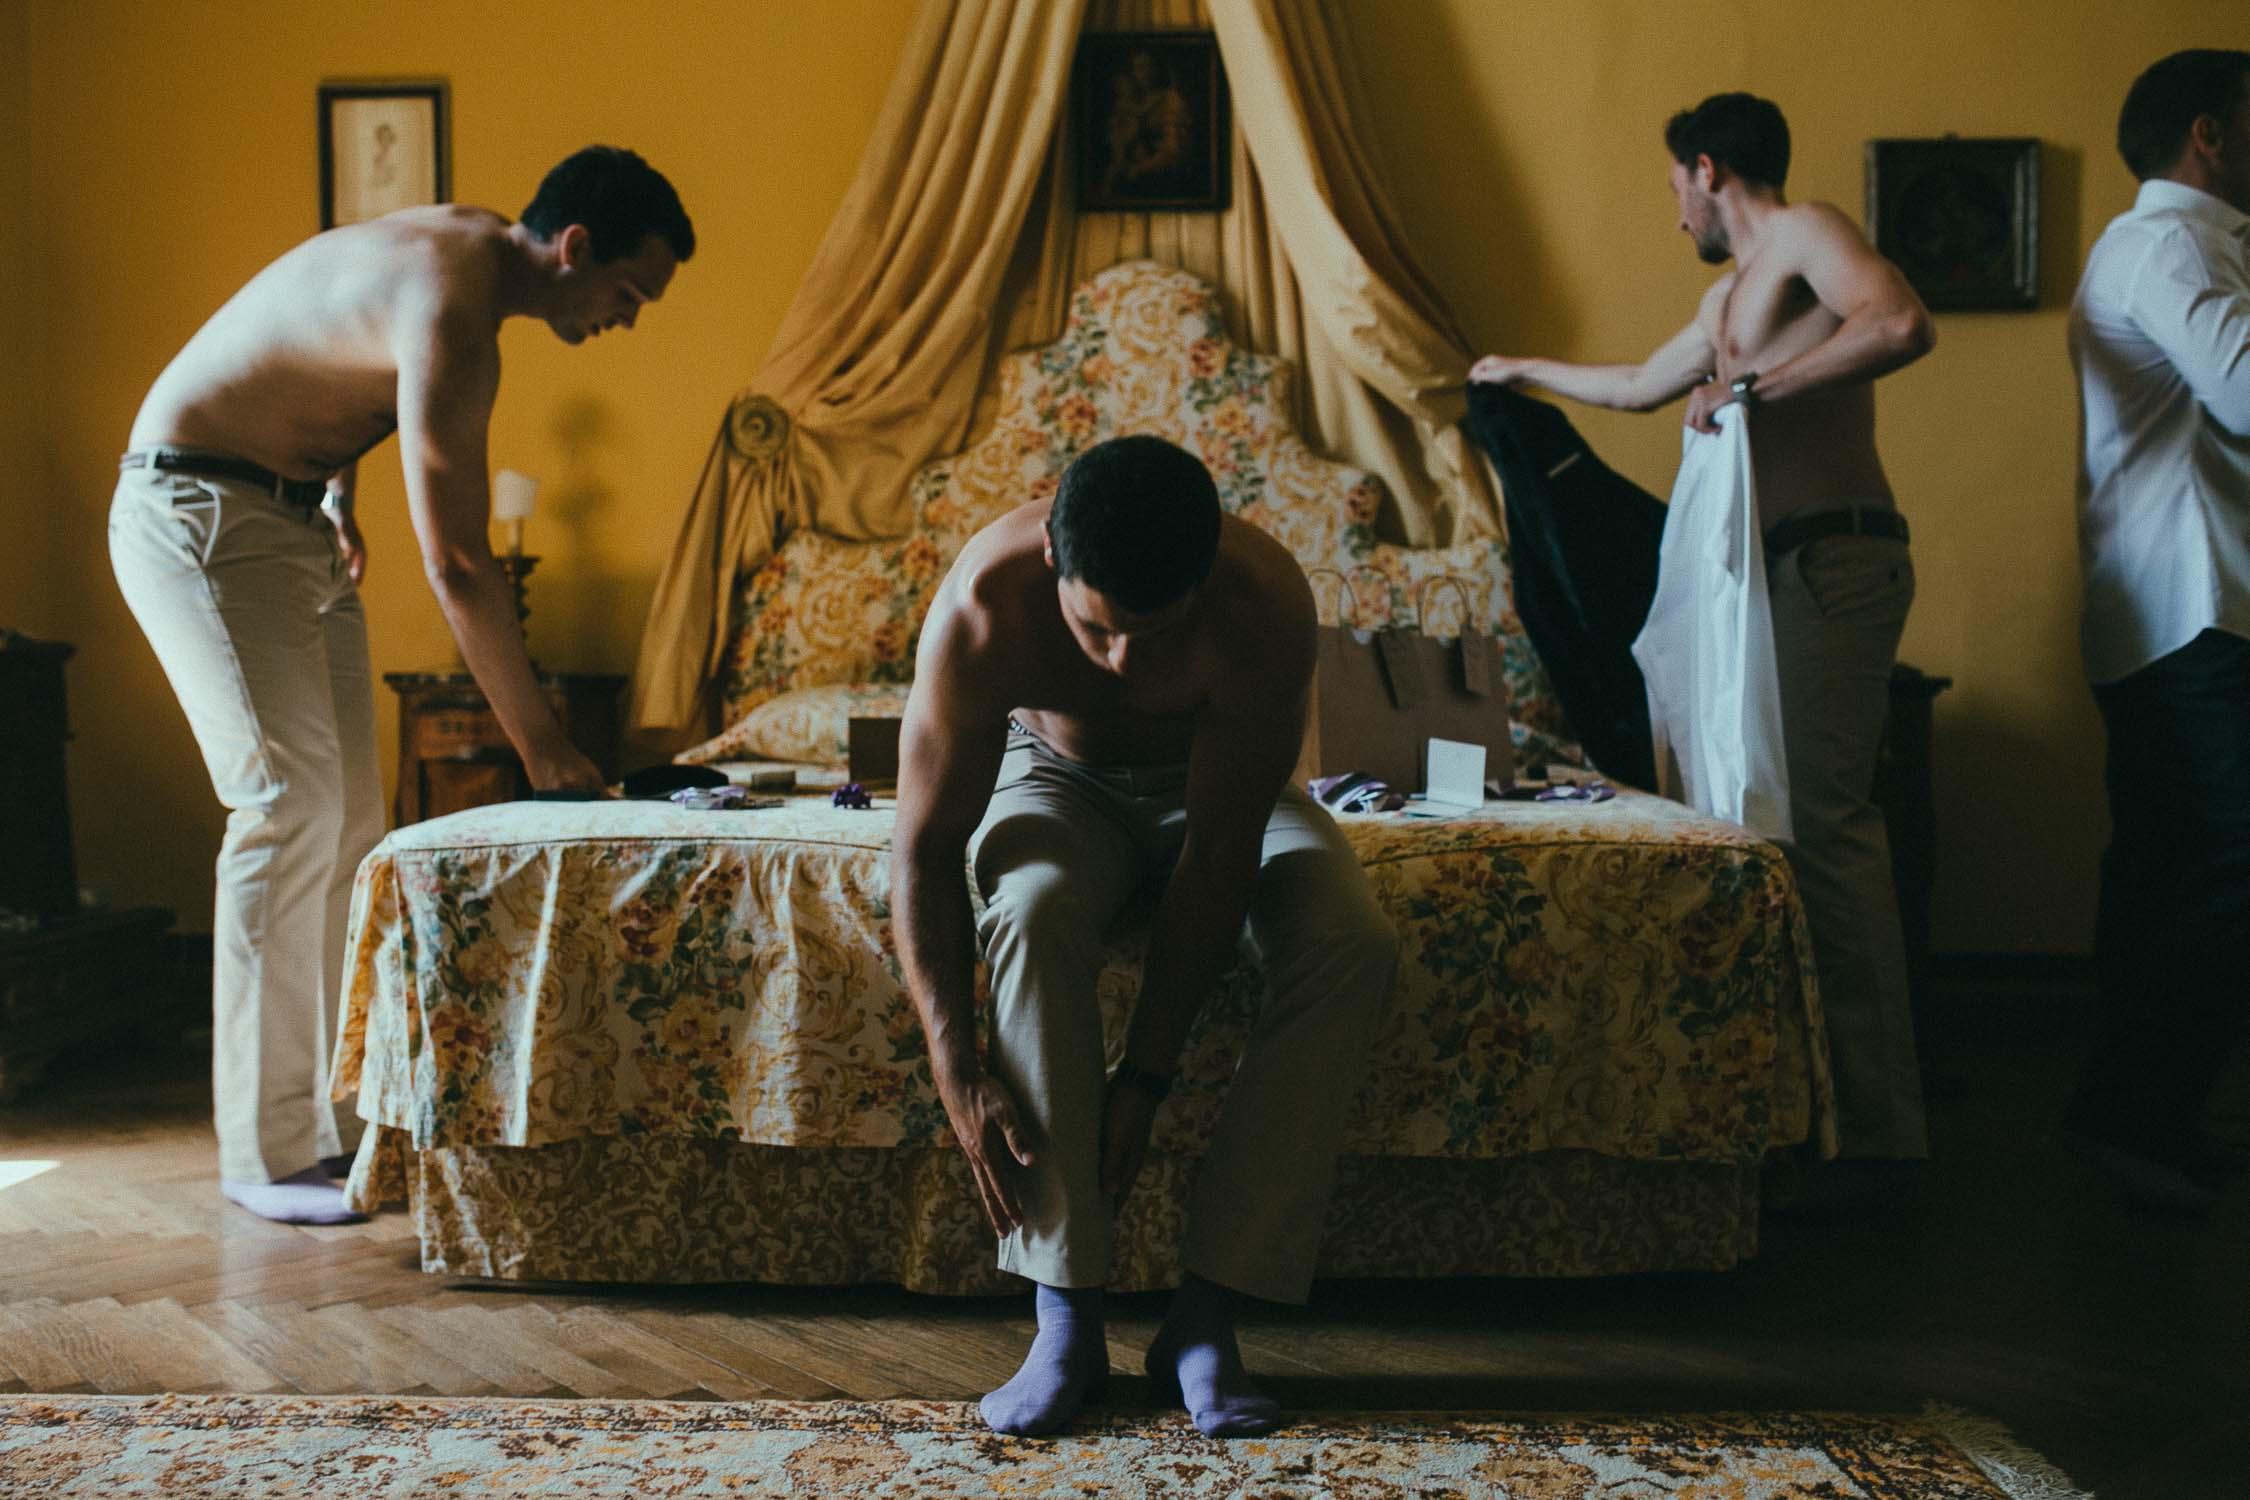 destiantion-wedding-in-tuscany-getting-ready (16).jpg